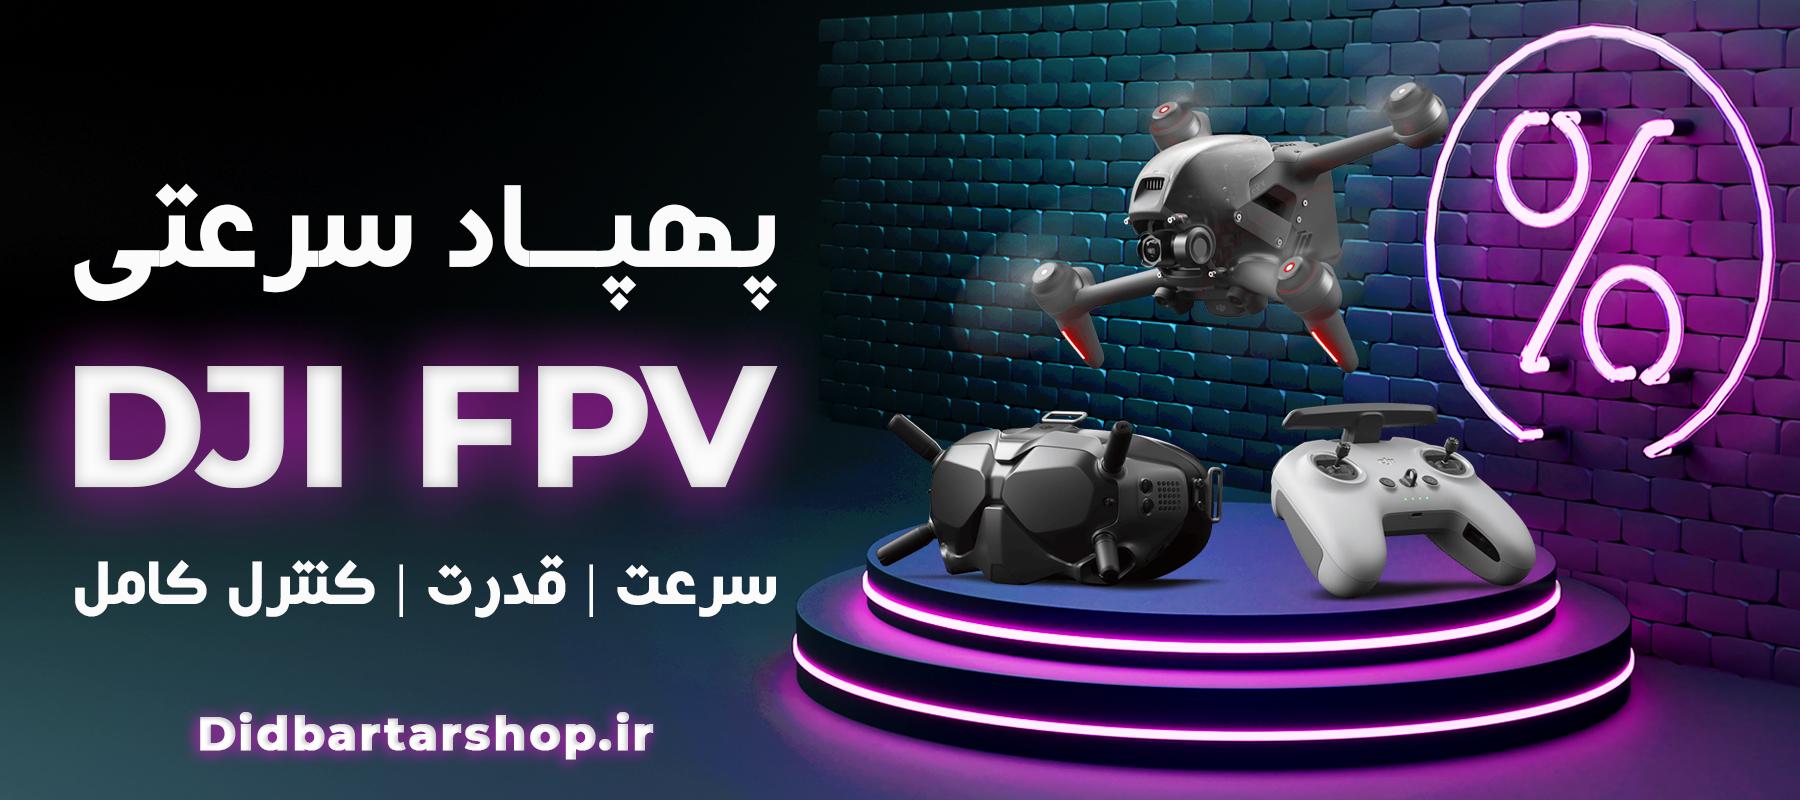 پهپاد حرفه ای دی جی ای DJI FPV Combo Drone